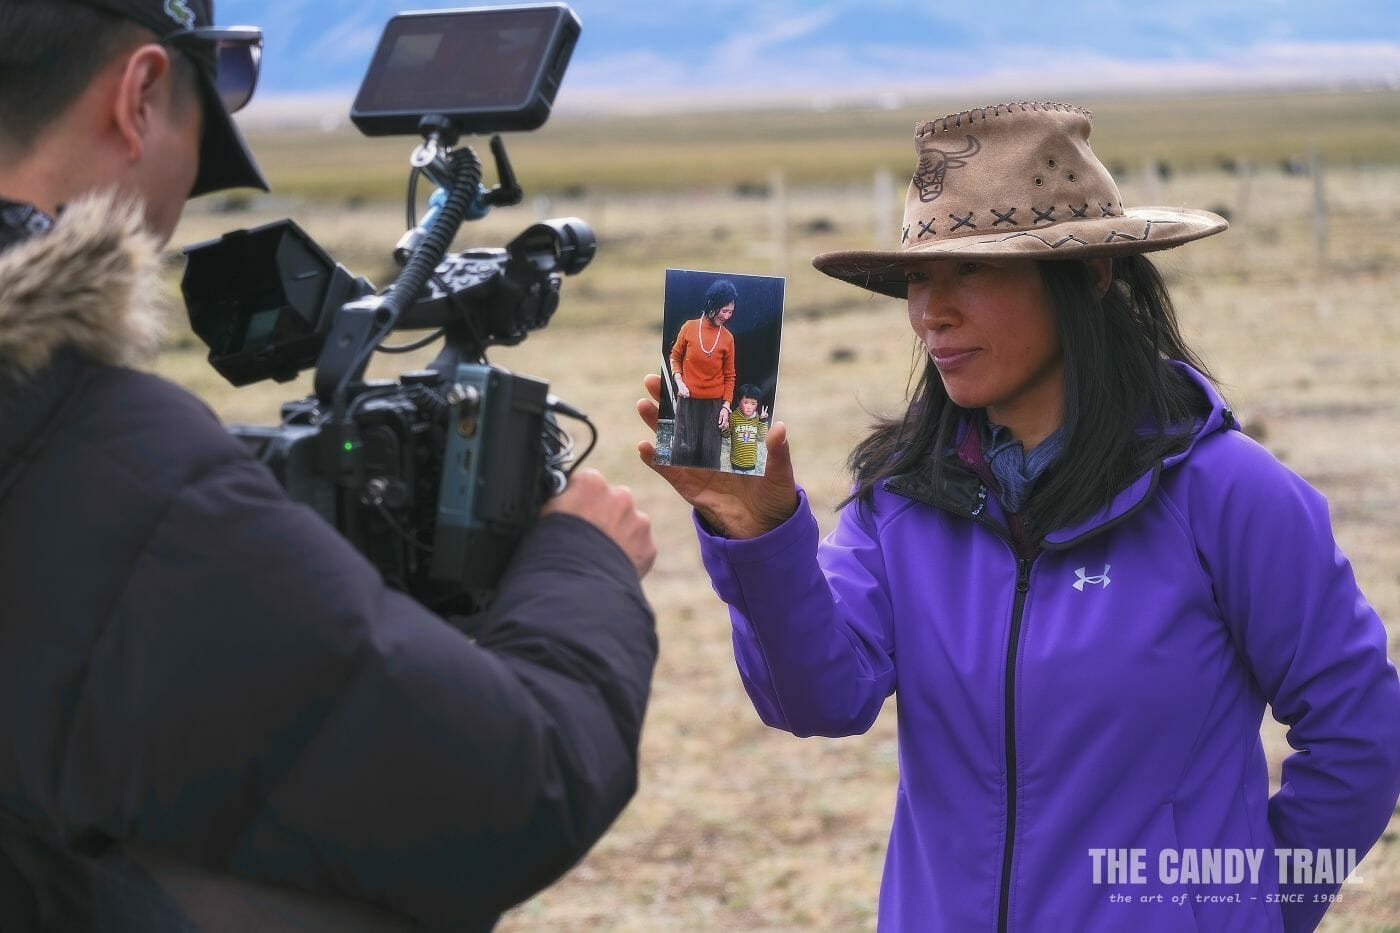 cameraman-filming-tibetan-sichuan-china